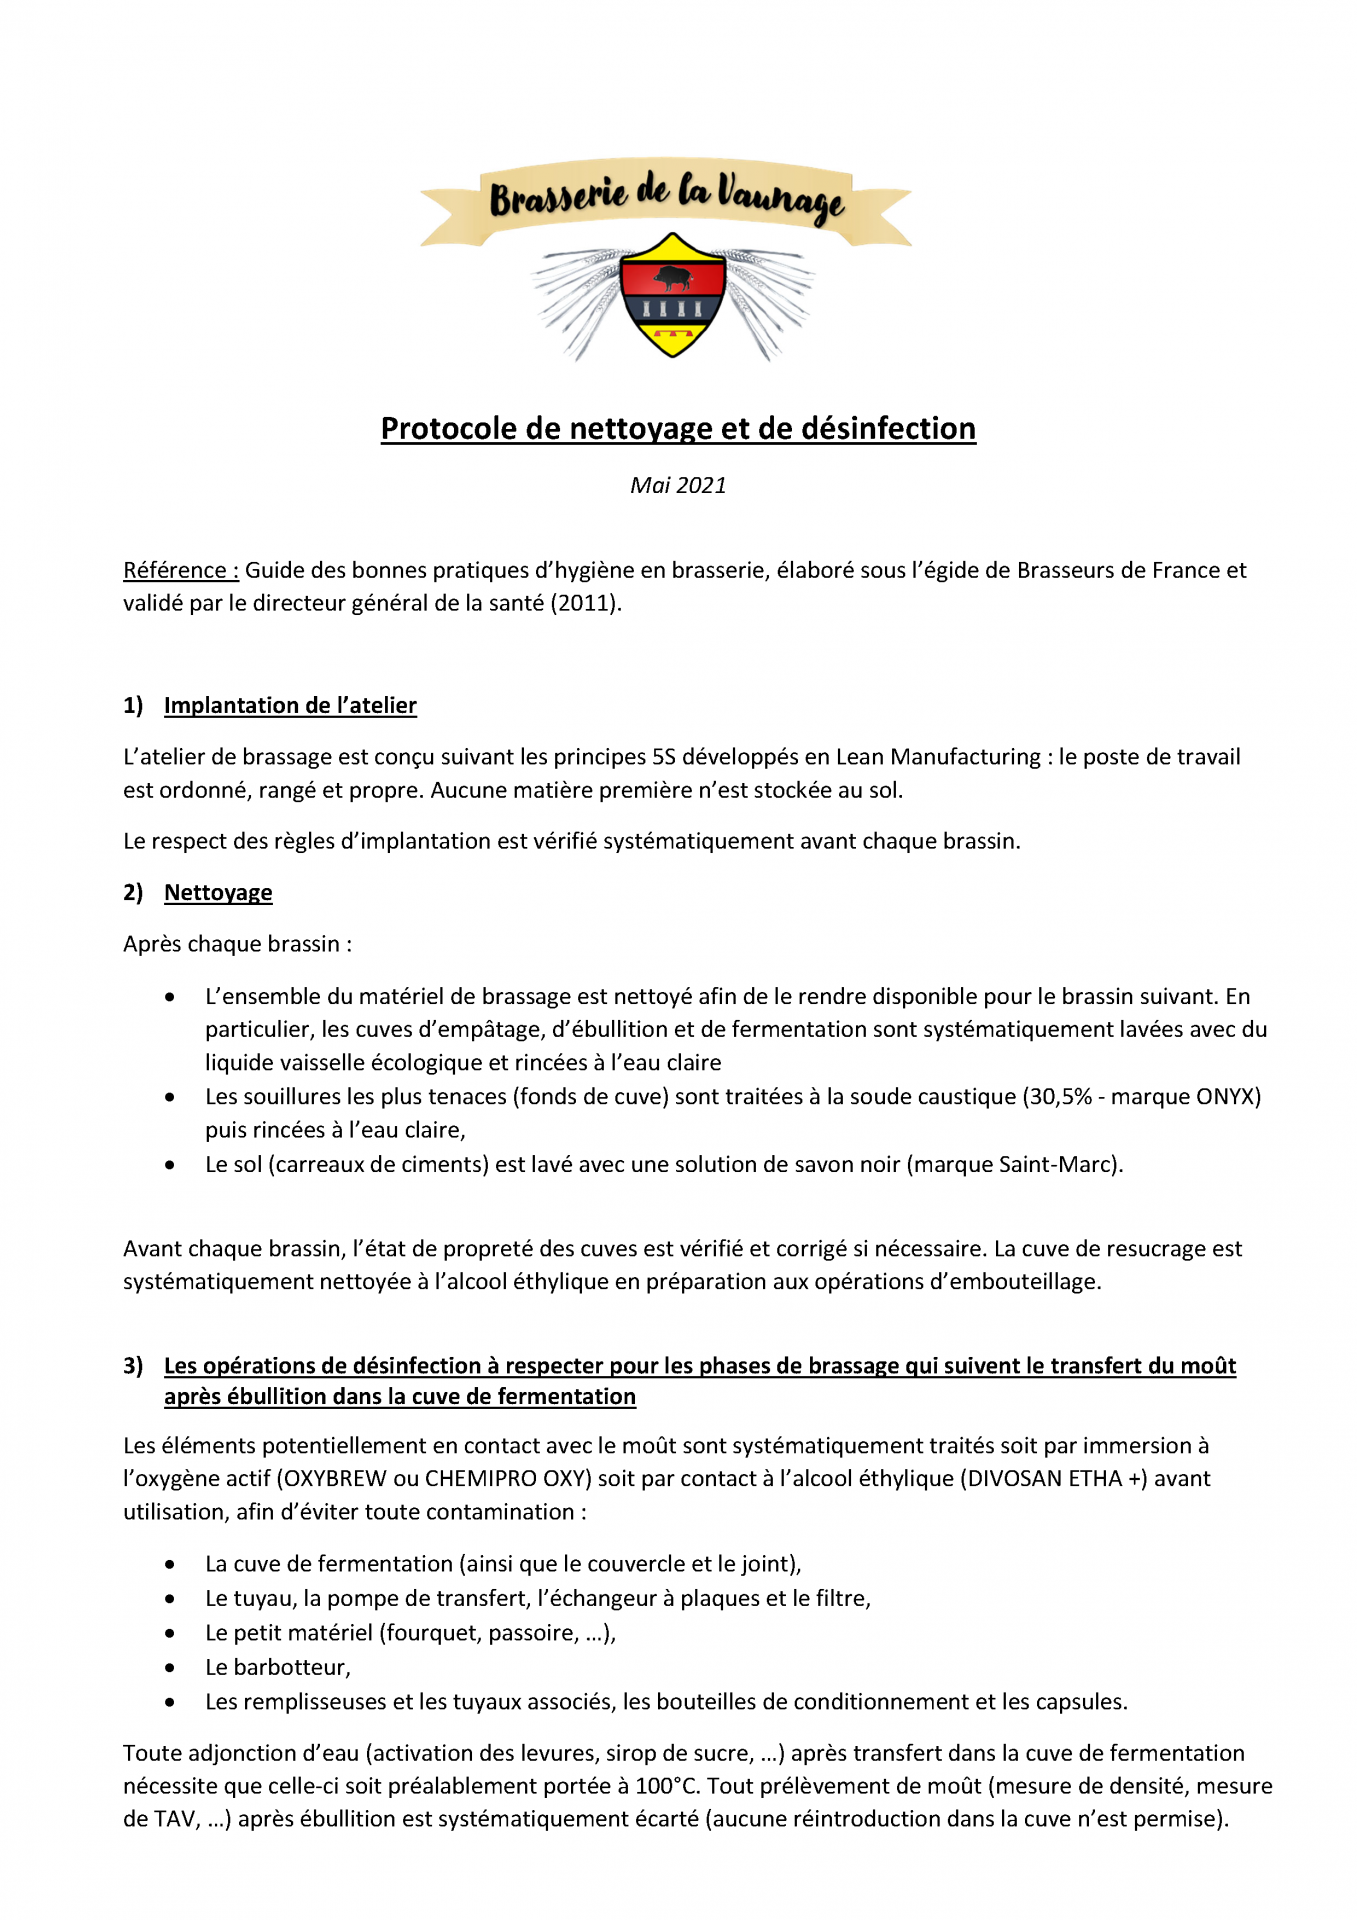 Protocole de nettoyage et desinfection v2